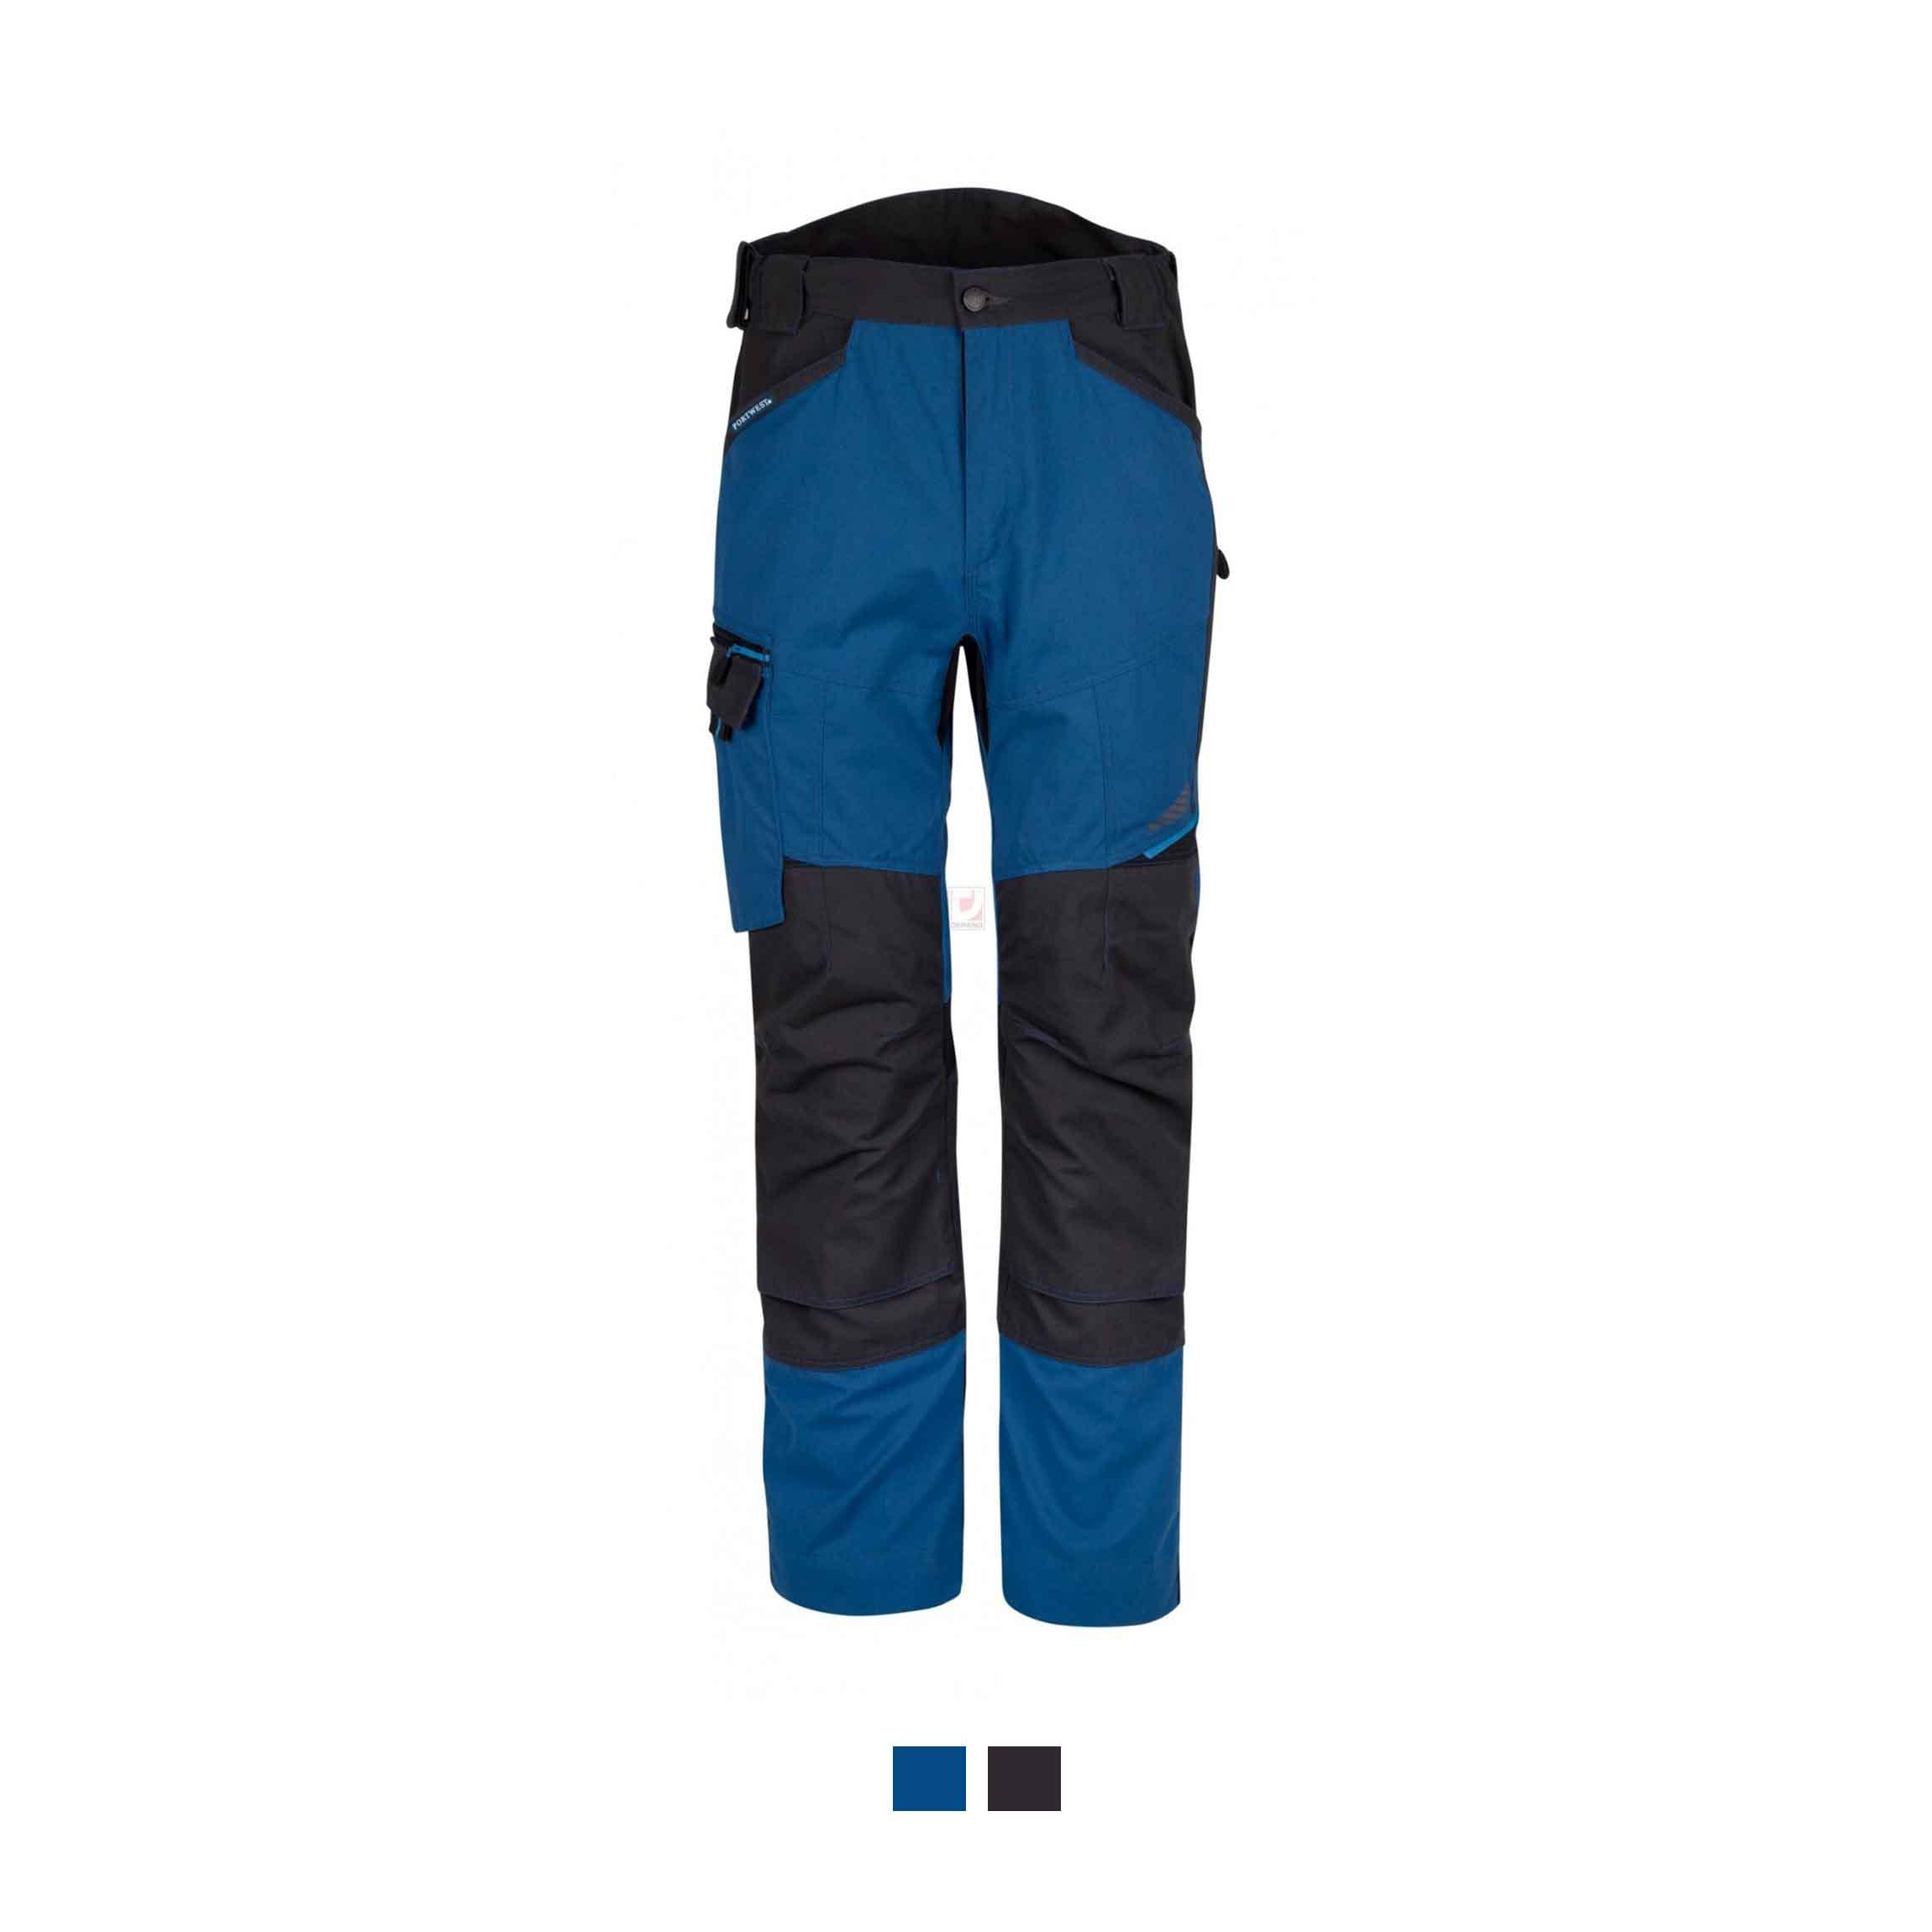 Radne hlače T701